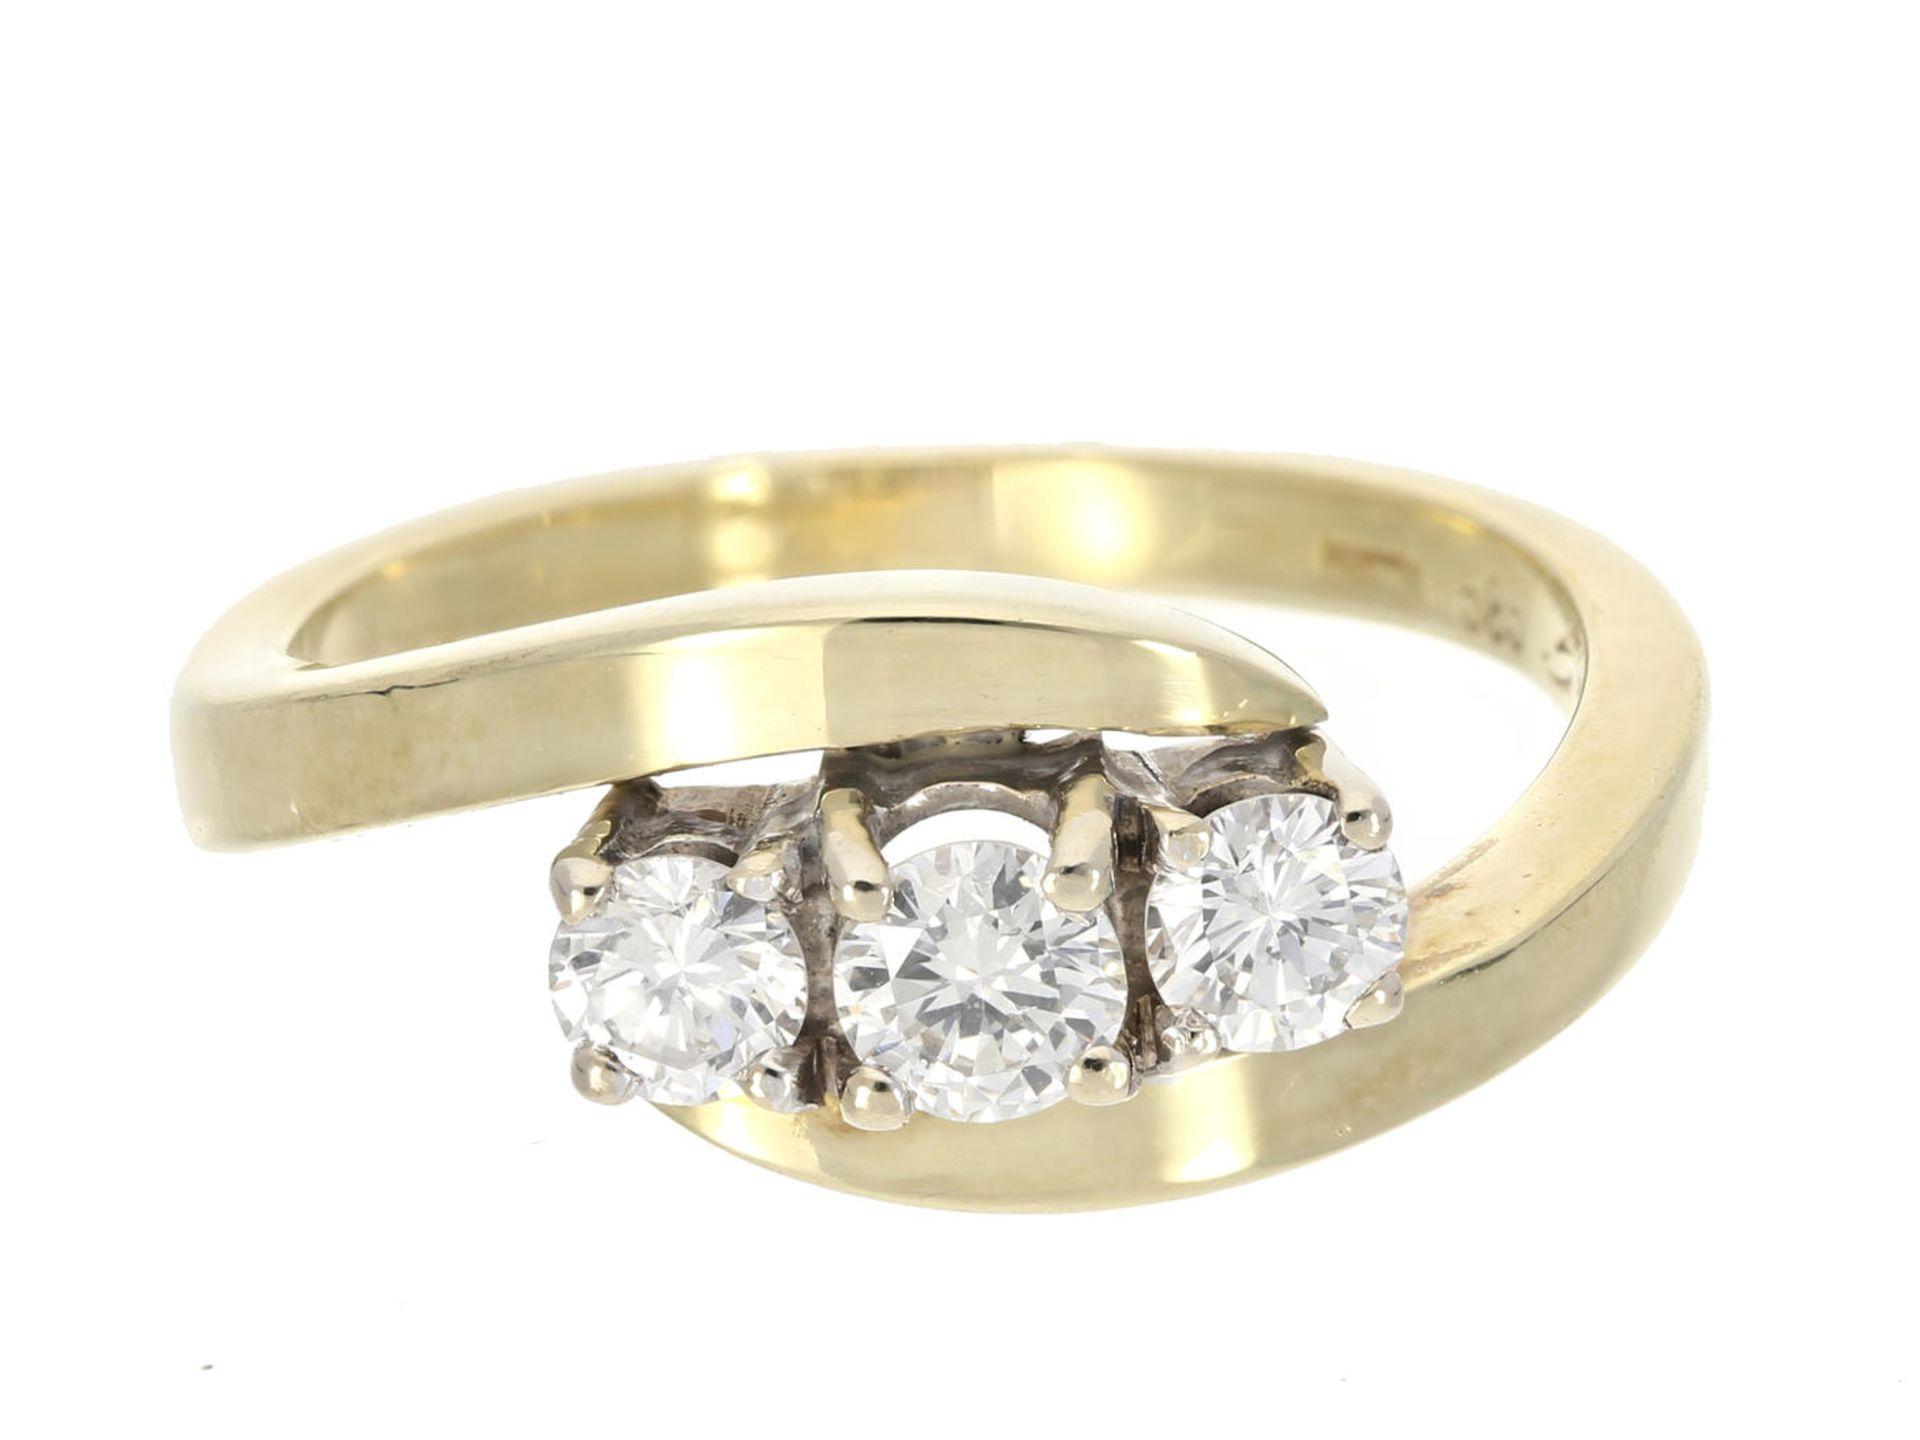 Ring: vintage Goldschmiedering mit 3 feinen Brillanten, ca. 0,4ct Ca. Ø16mm, RG50, ca. 3,6g, 14K